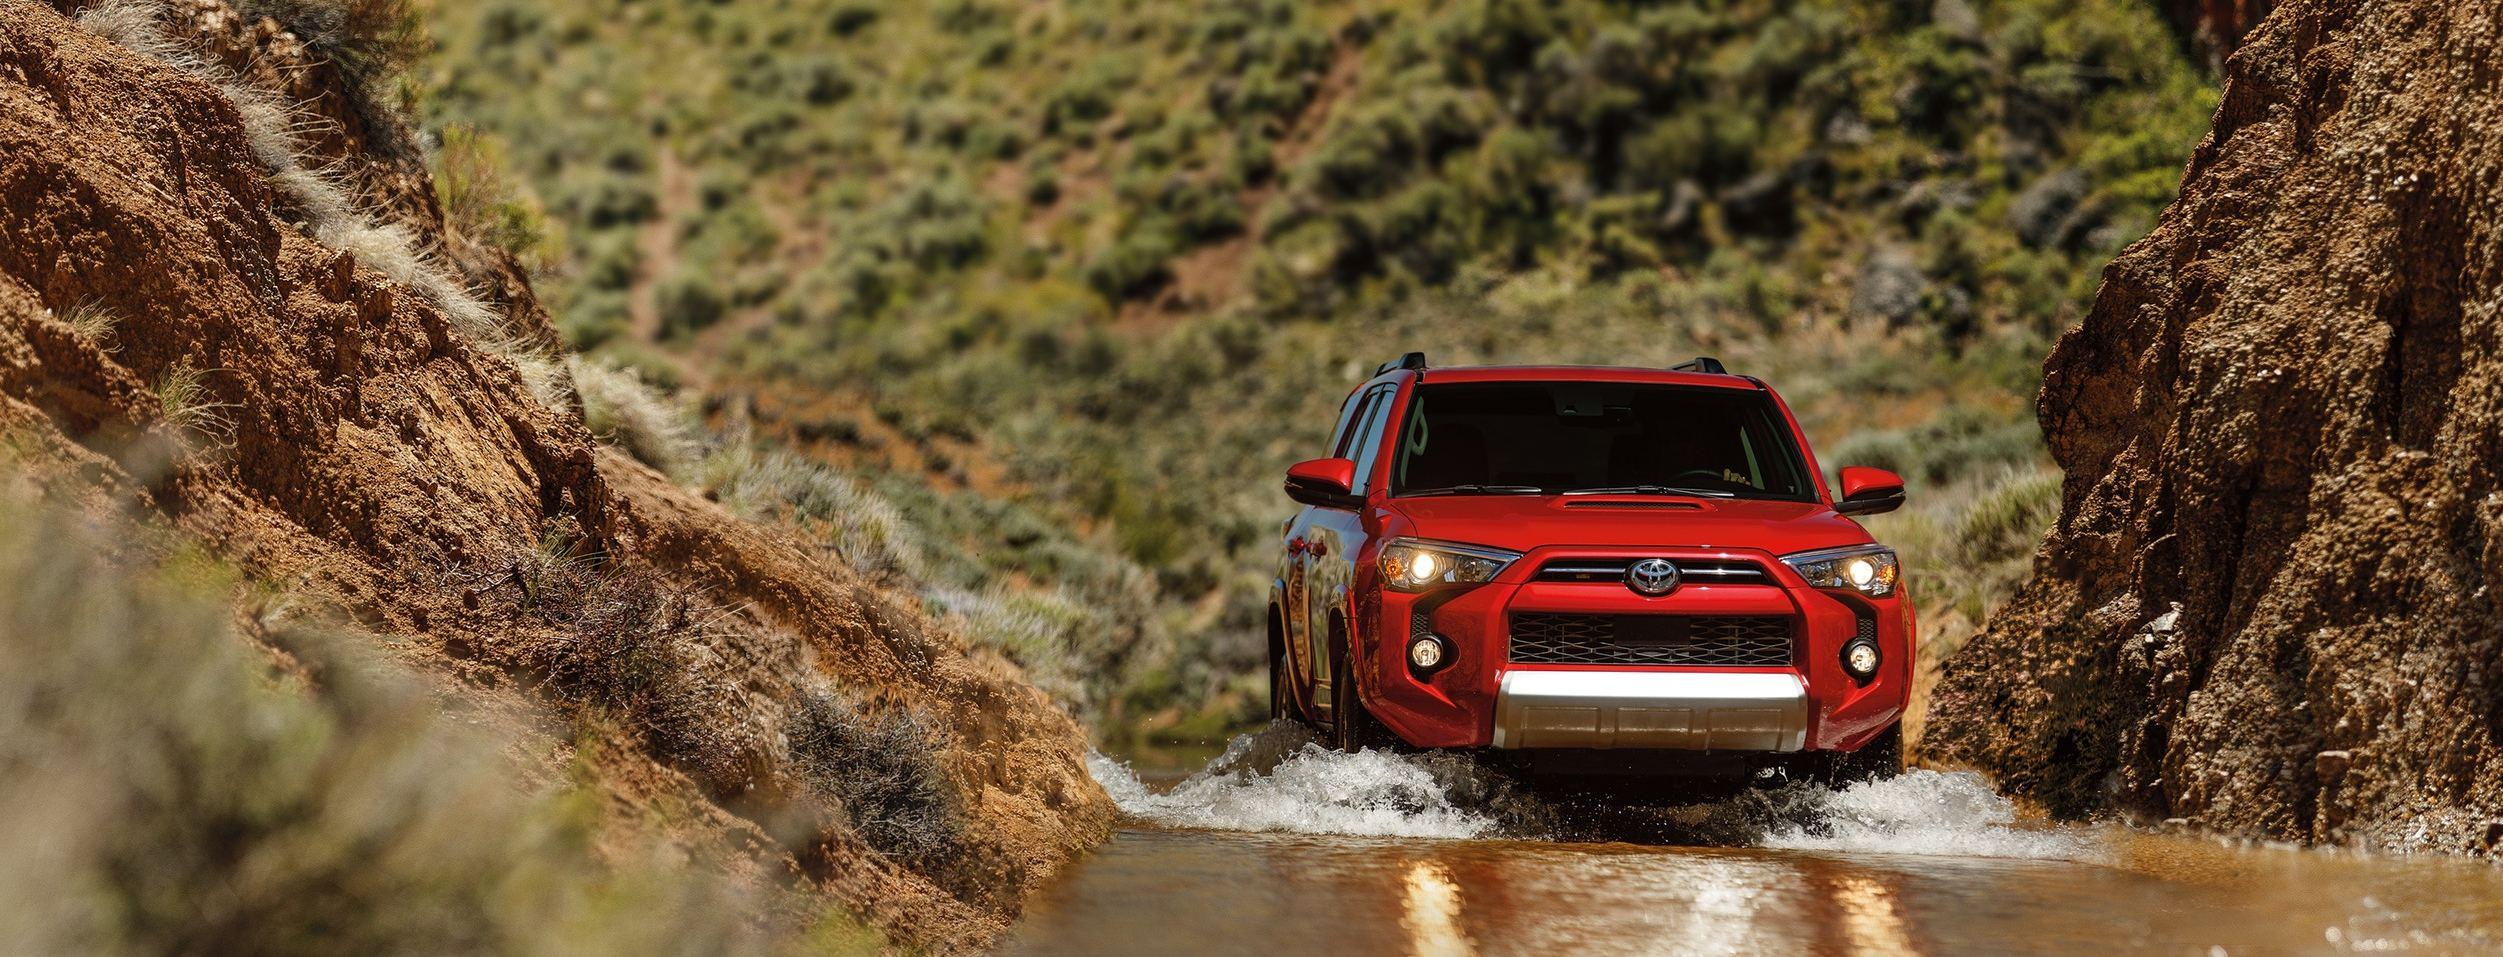 2020 Toyota 4Runner for Sale near Belton, MO, 64012